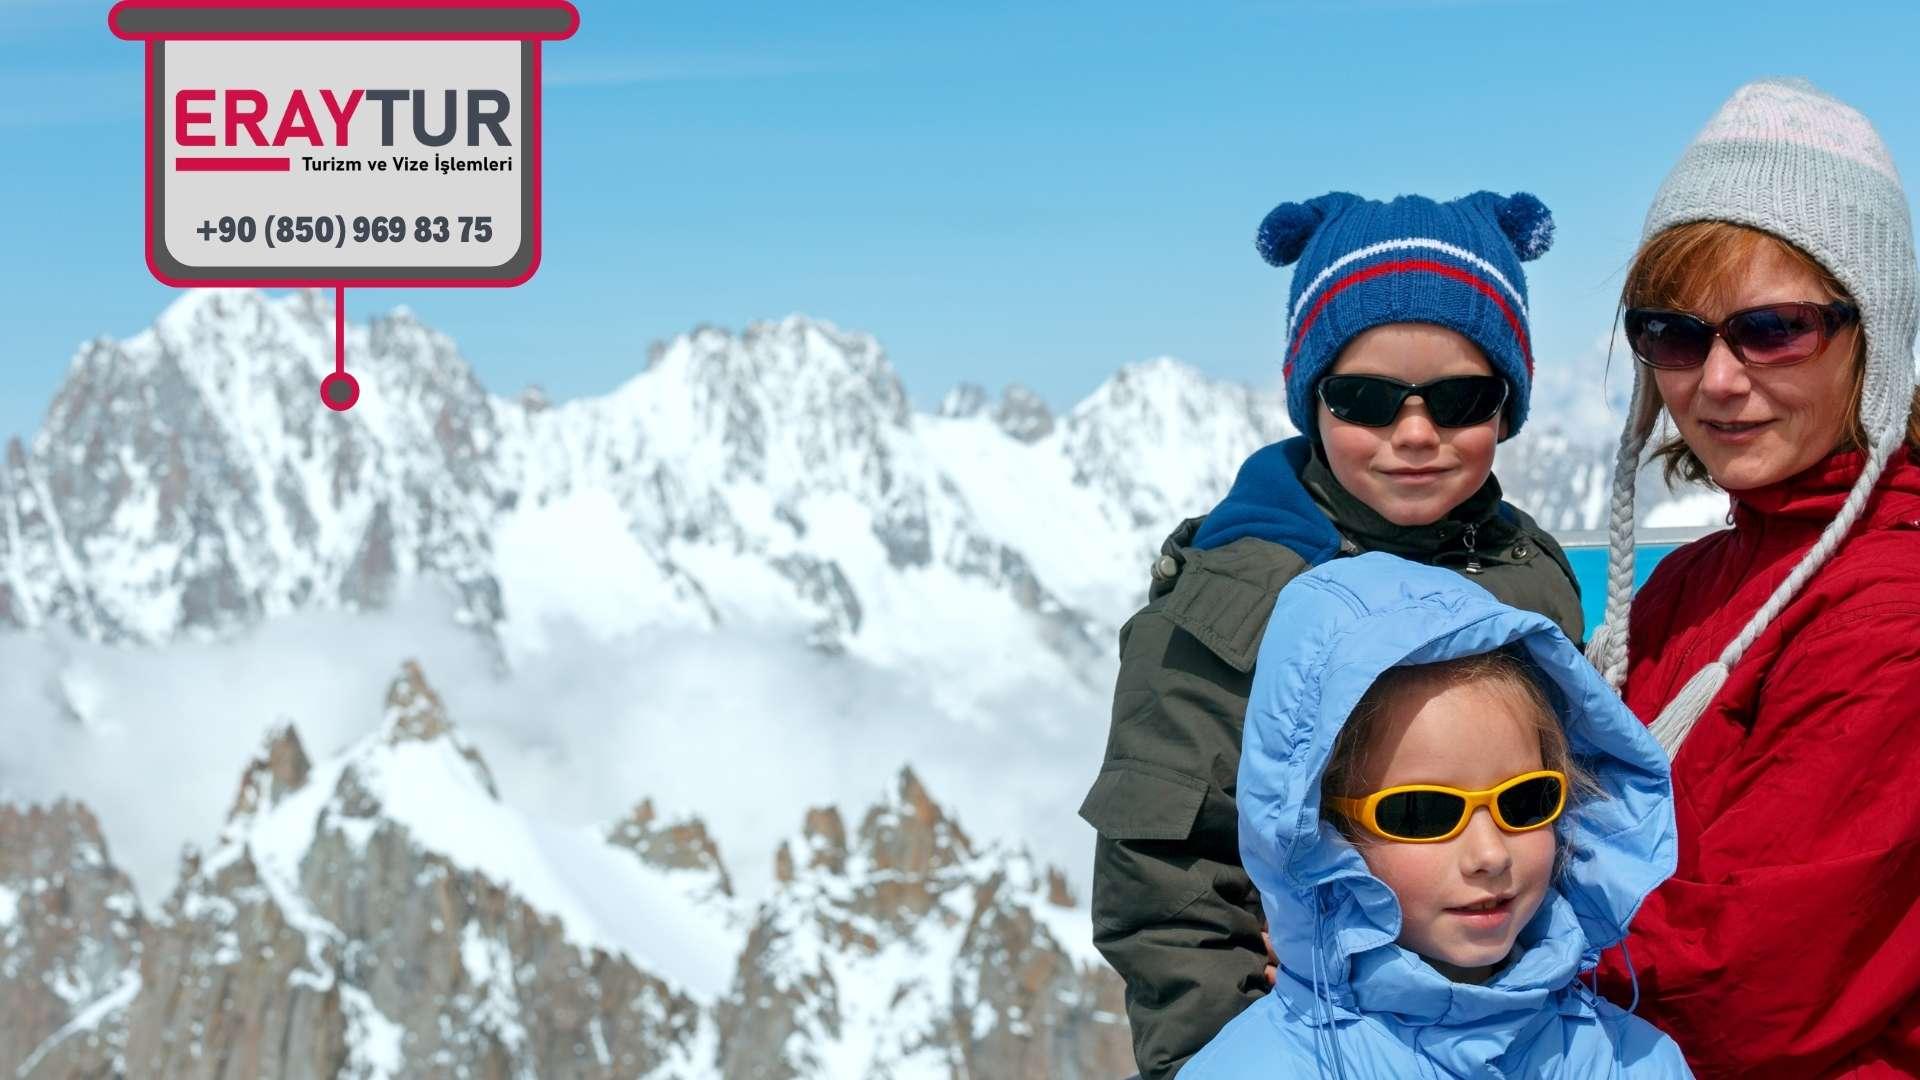 Fransa Aile Ziyareti Davetiye Örneği